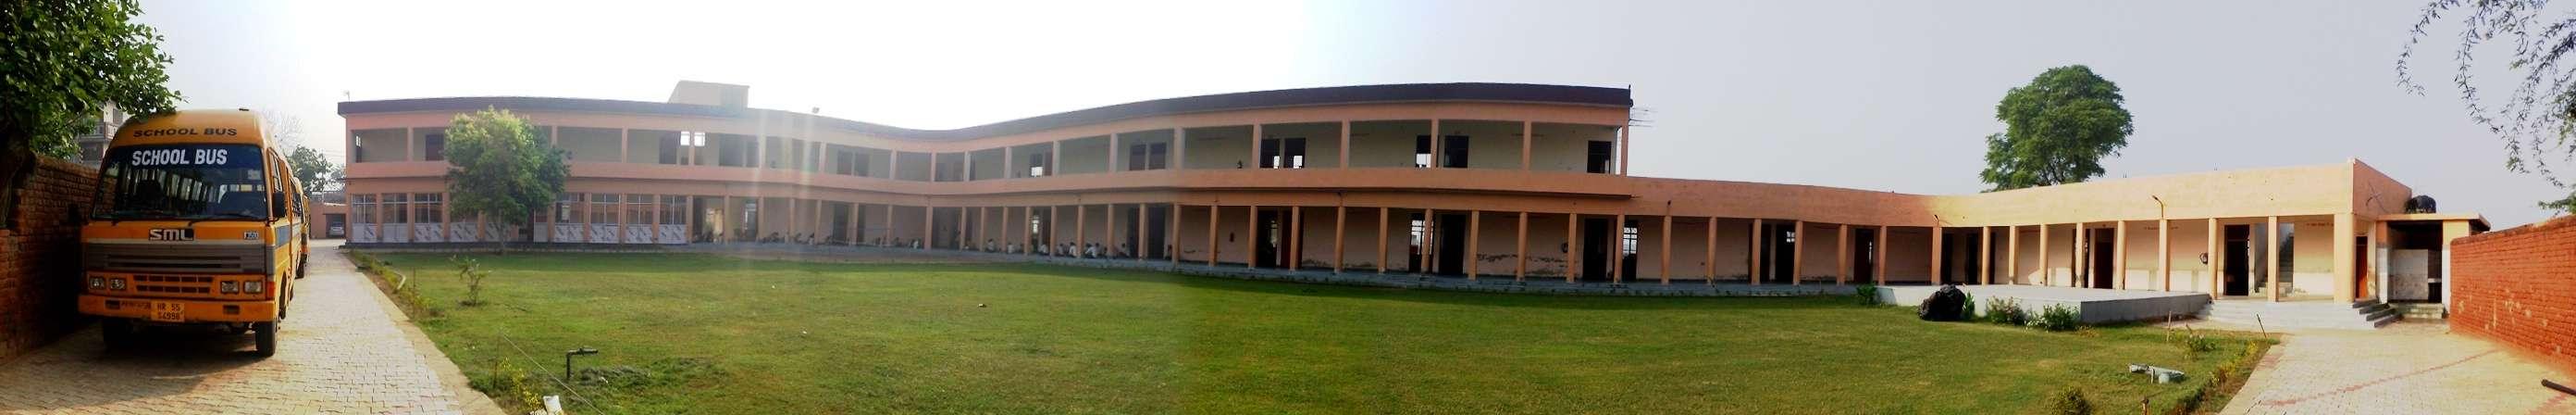 Dhankha High School Ward No 11 Tehsil Farrukhnagar Distt Gurgaon Haryana 530931